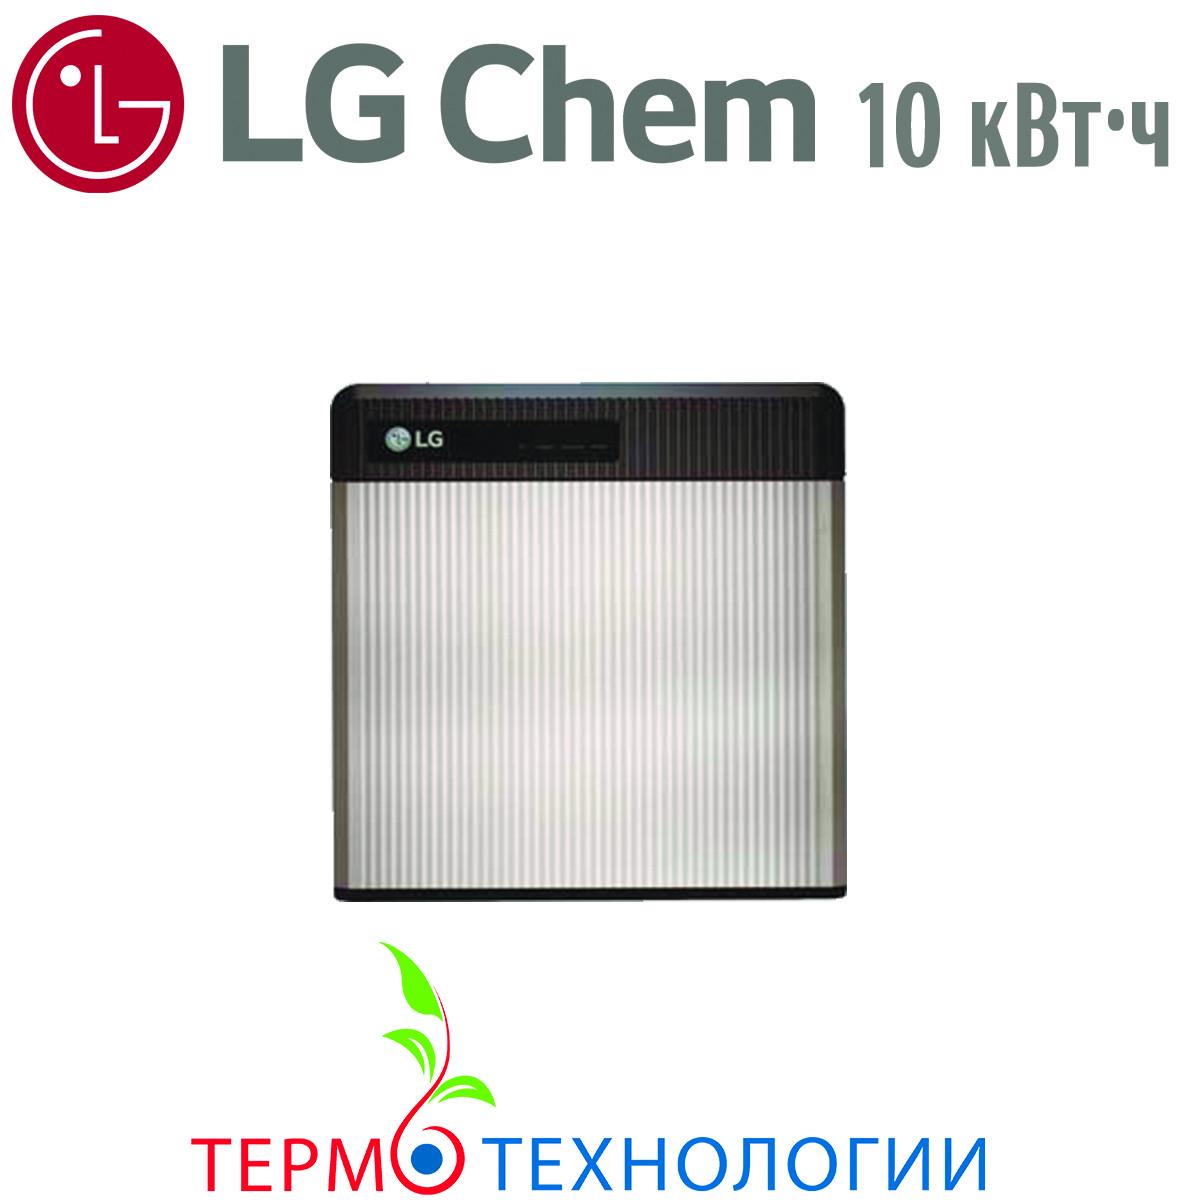 Литий-ионные аккумуляторы низкого напряжения LG Chem RESU10 кВт*ч